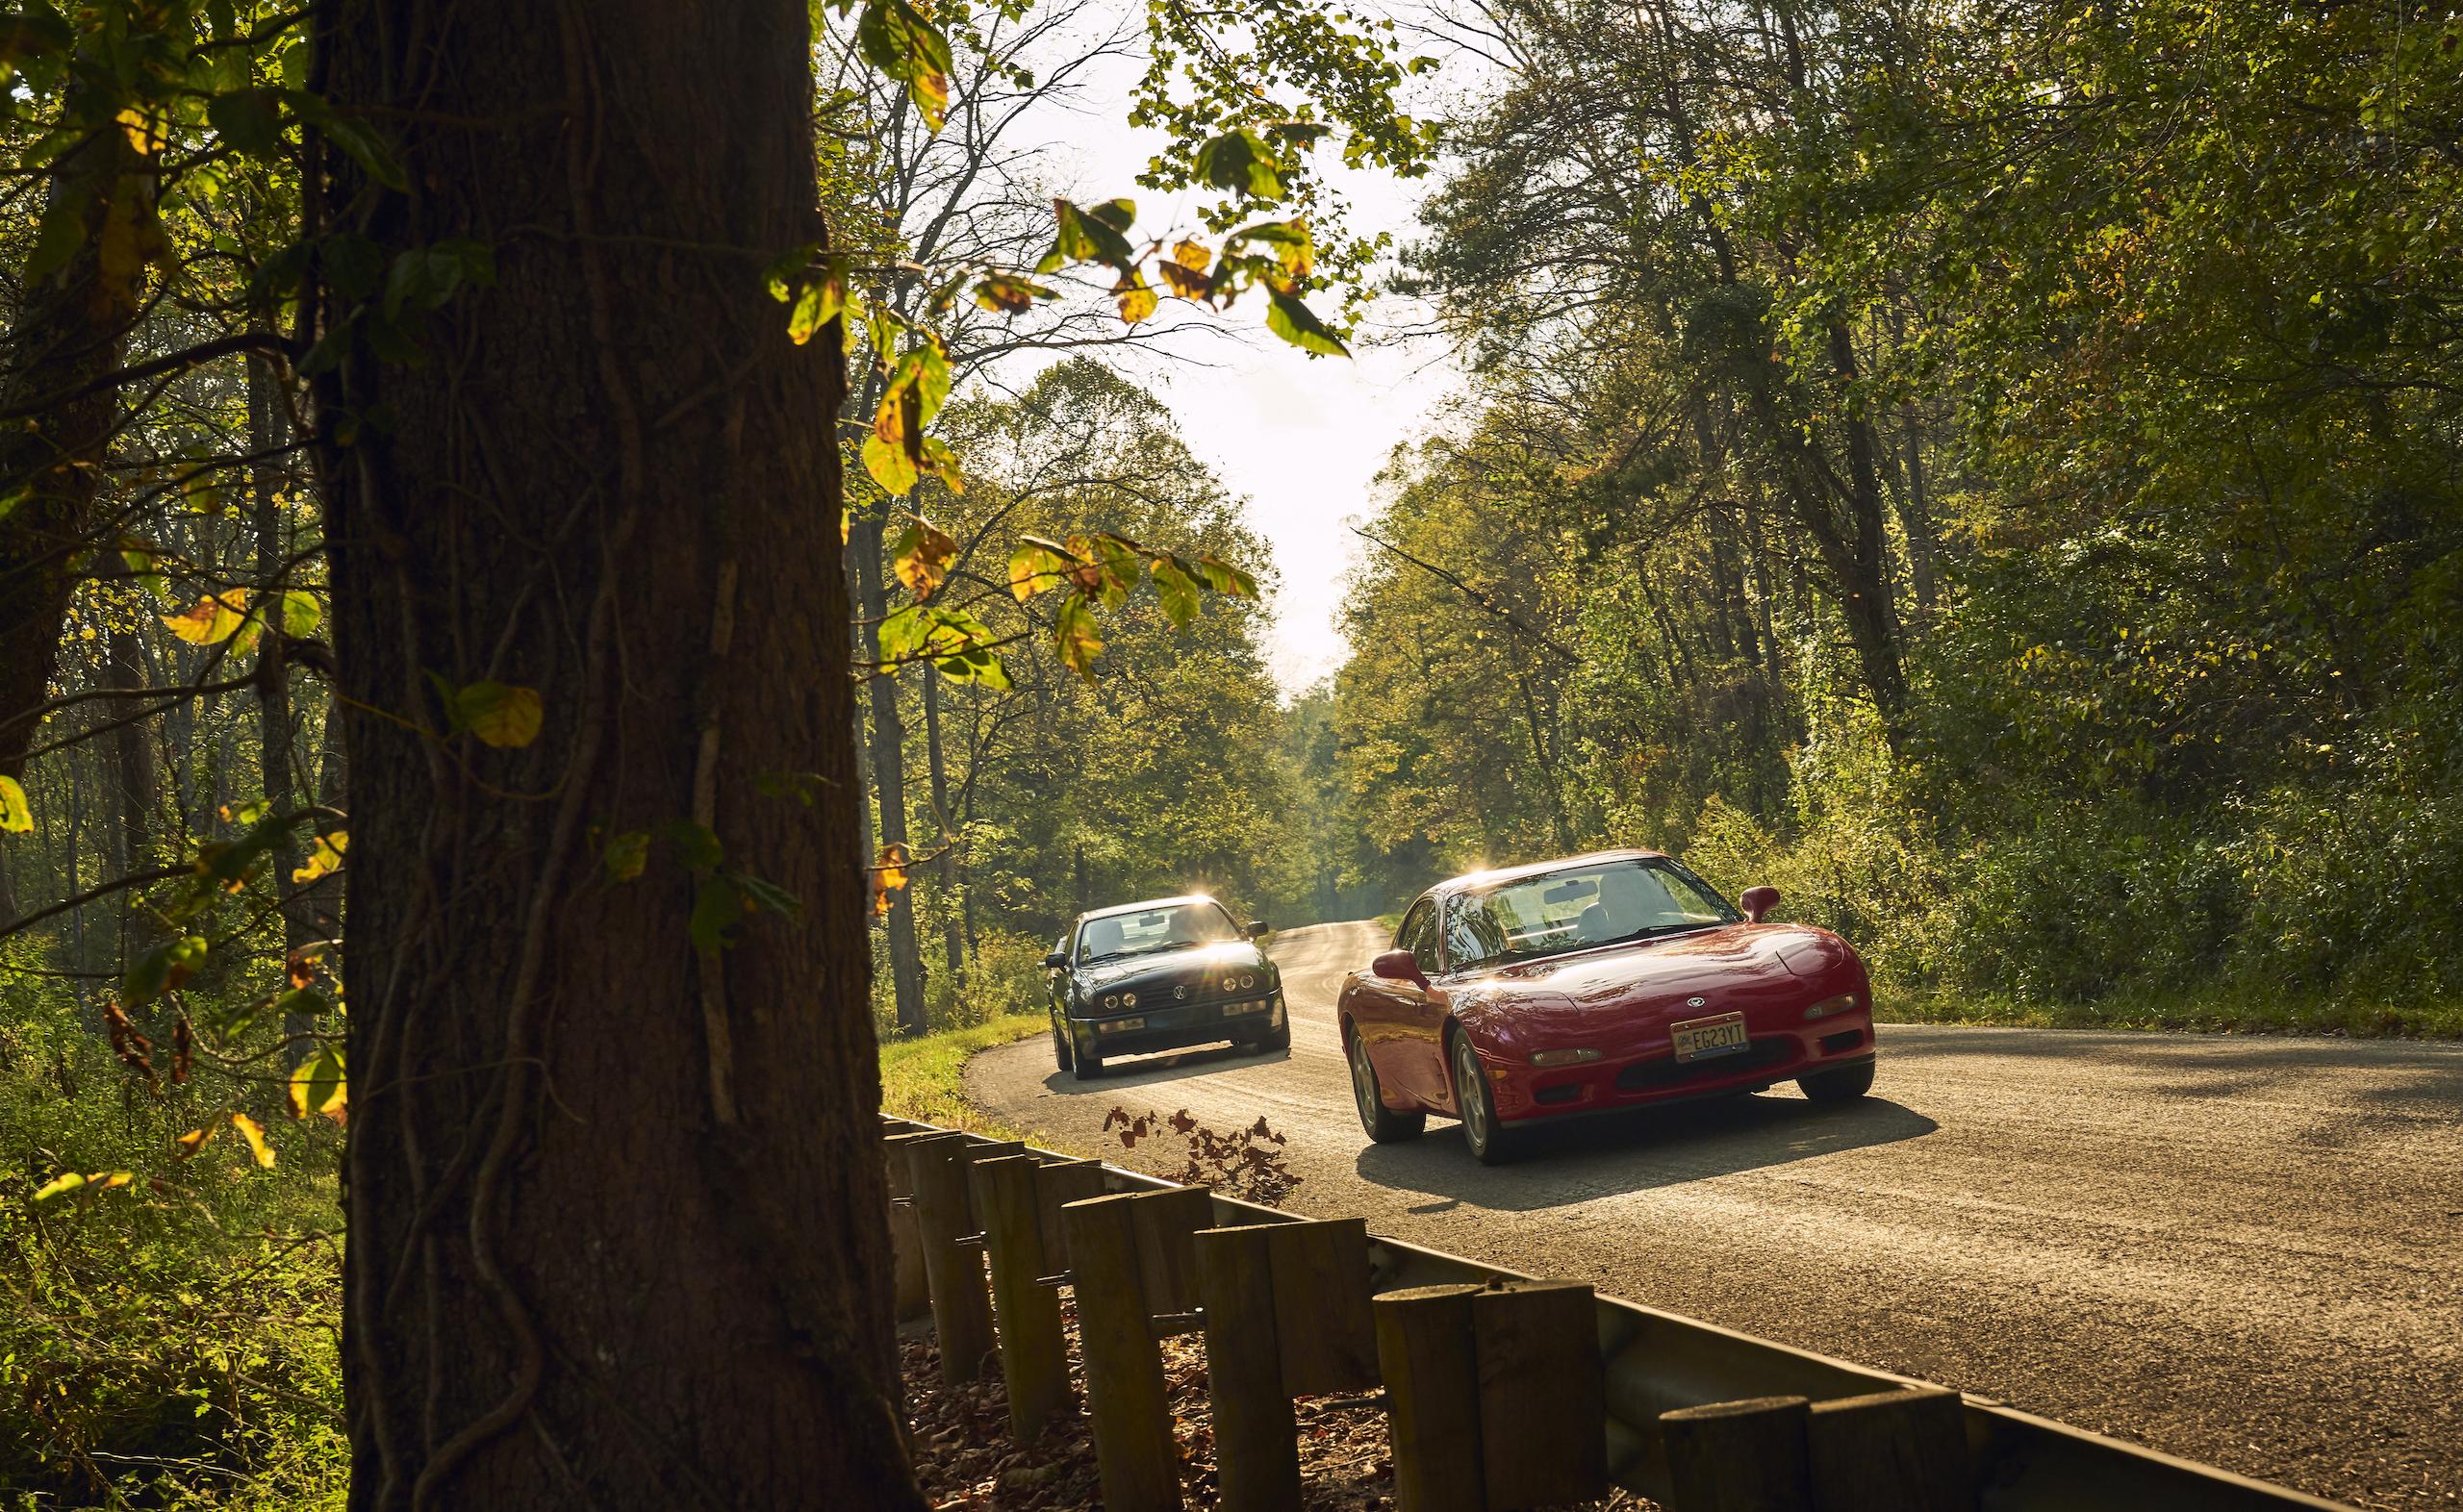 Mazda RX-7 with Volkswagen Corrado dynamic road action fronts